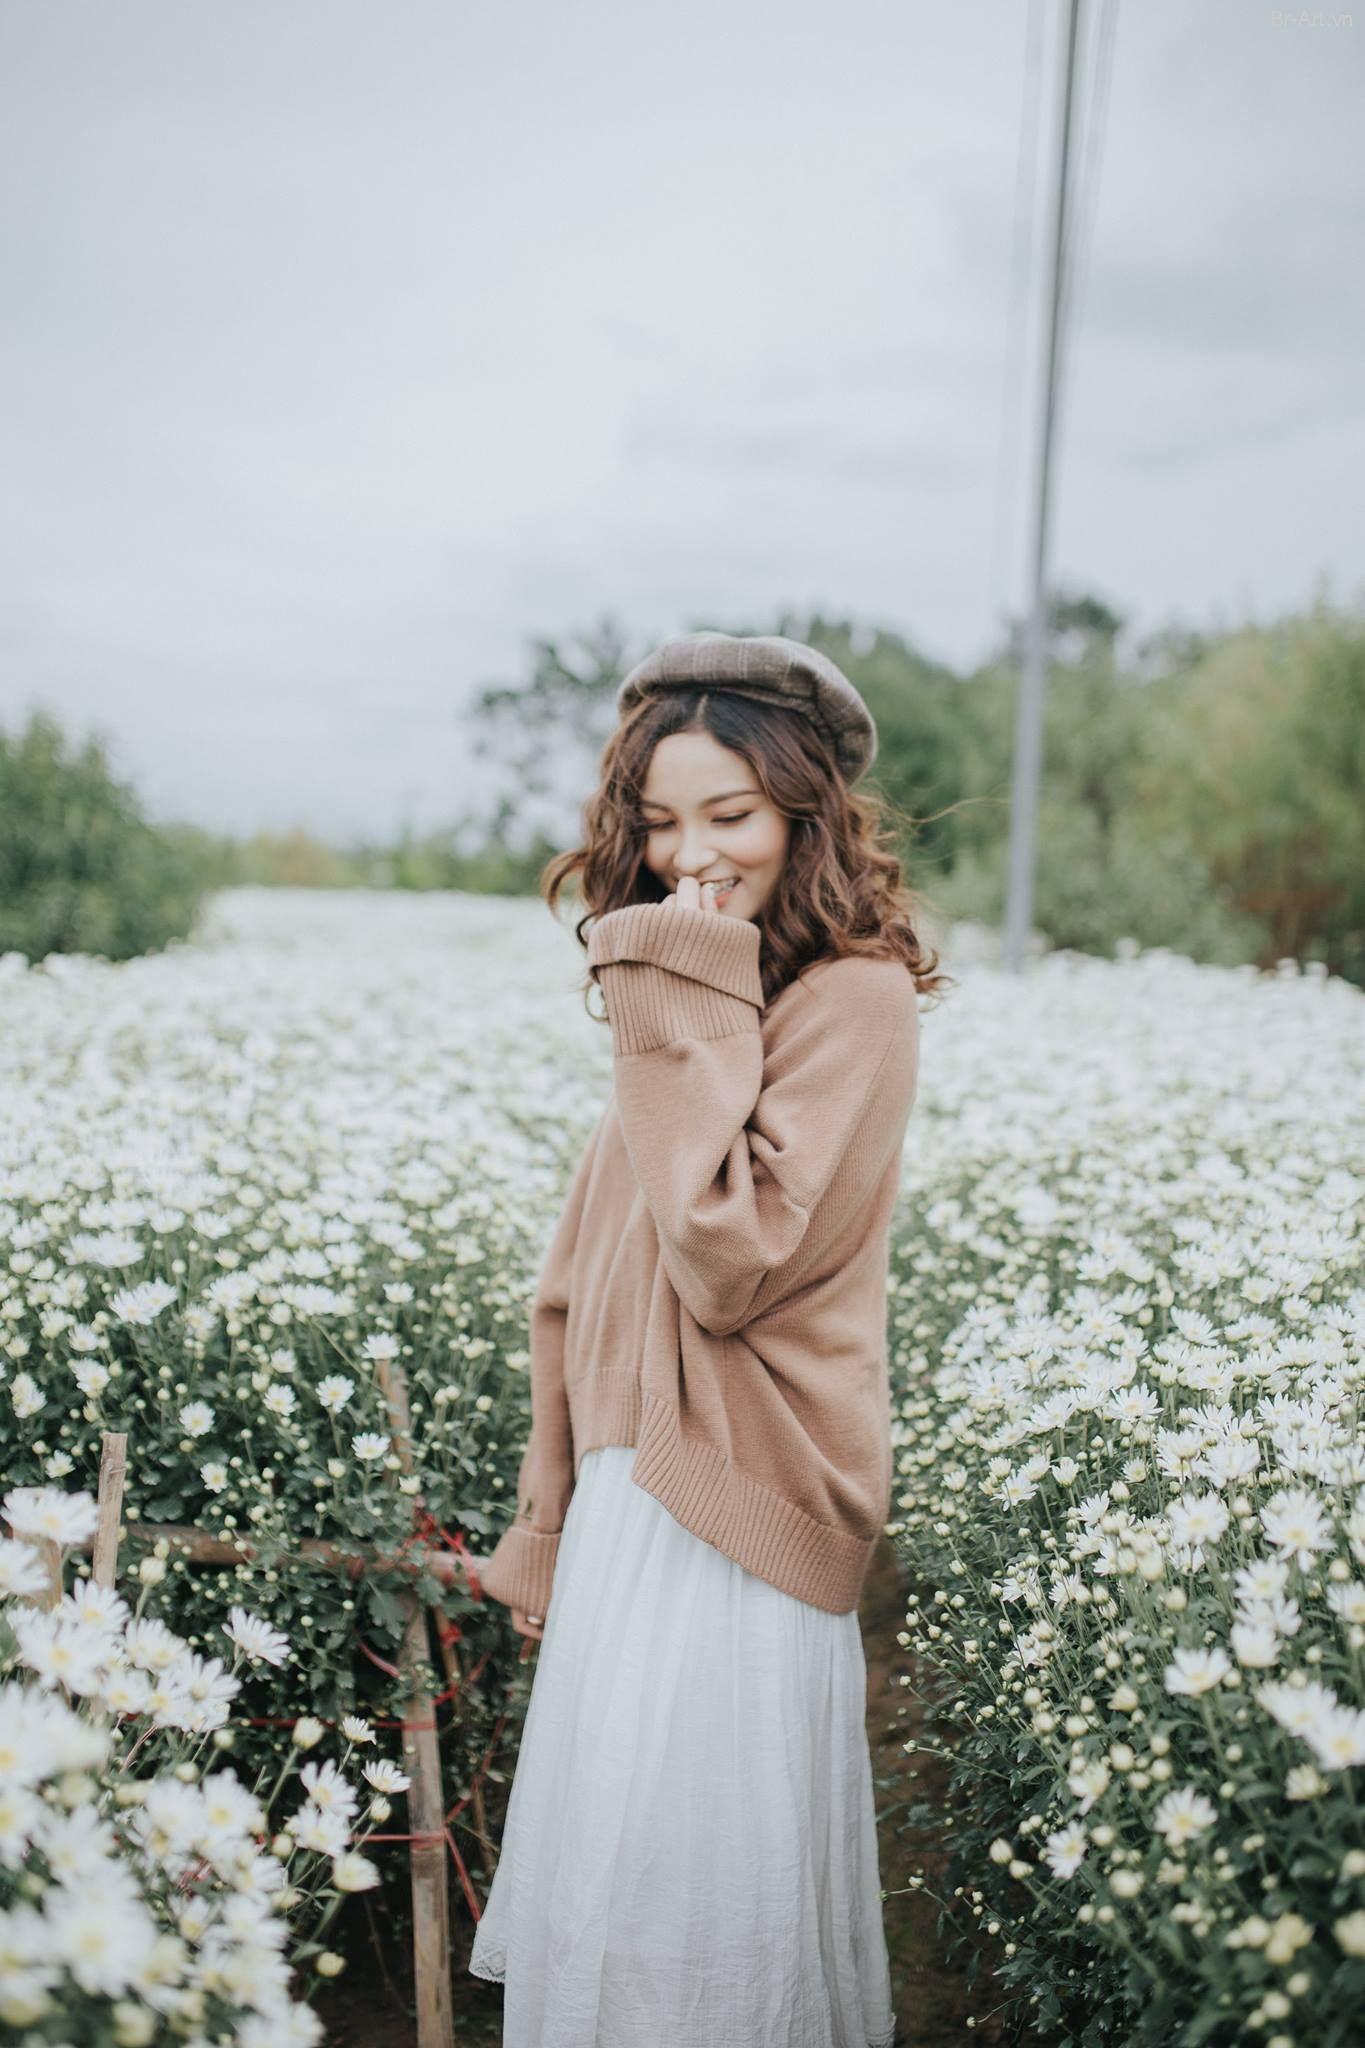 Ý nghĩa của loài hoa cúc họa mi (Có hình ảnh) | Thời trang ...